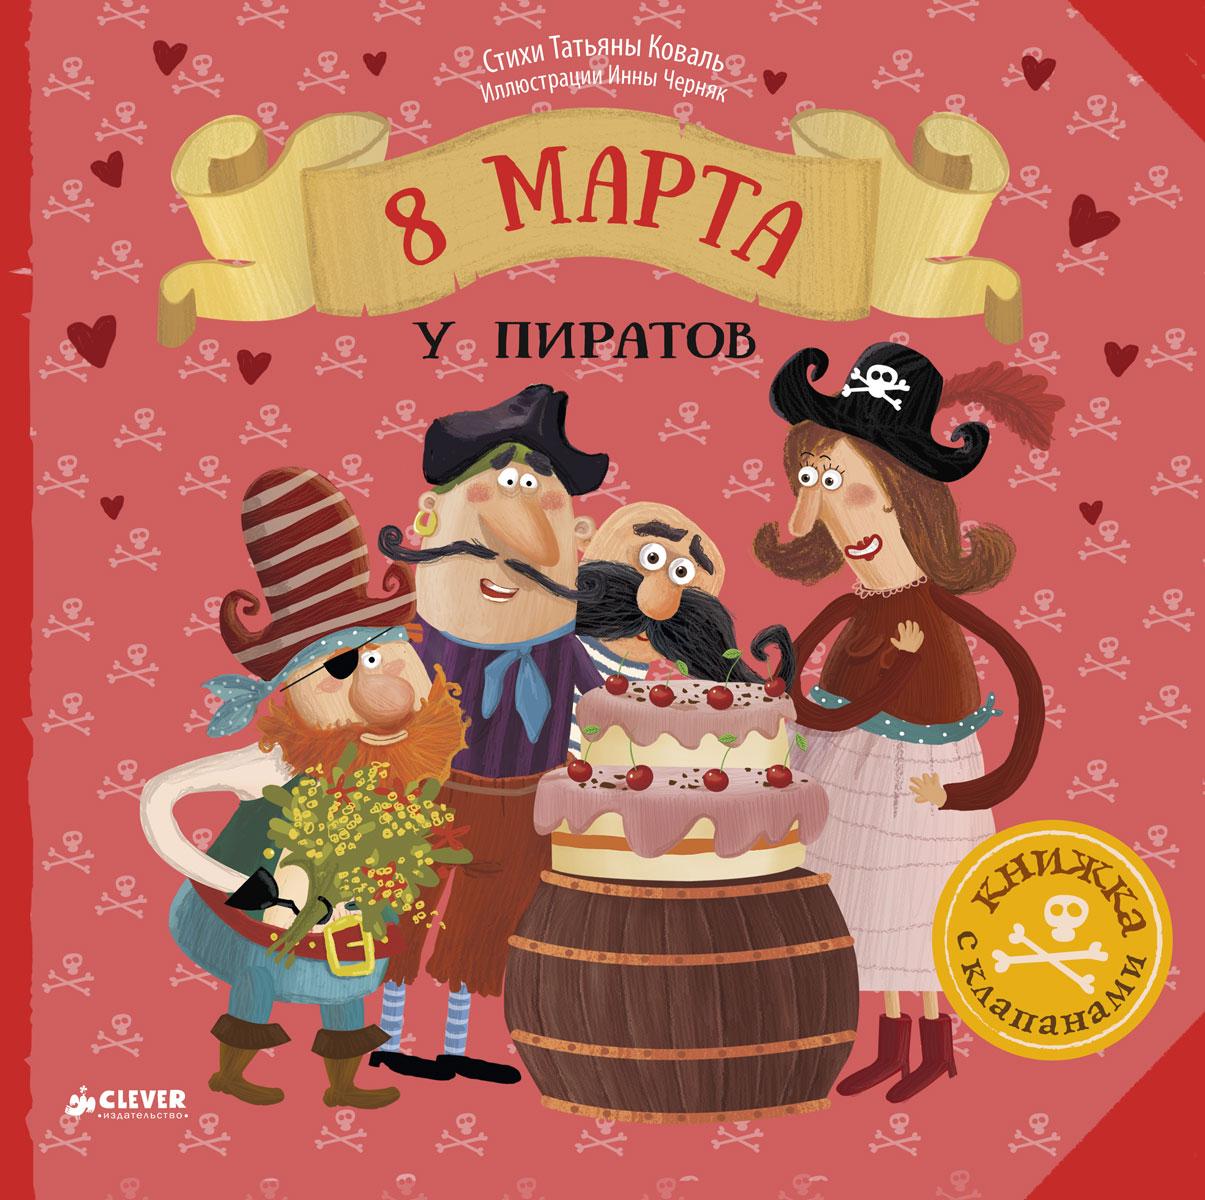 Татьяна Коваль 8 Марта у пиратов